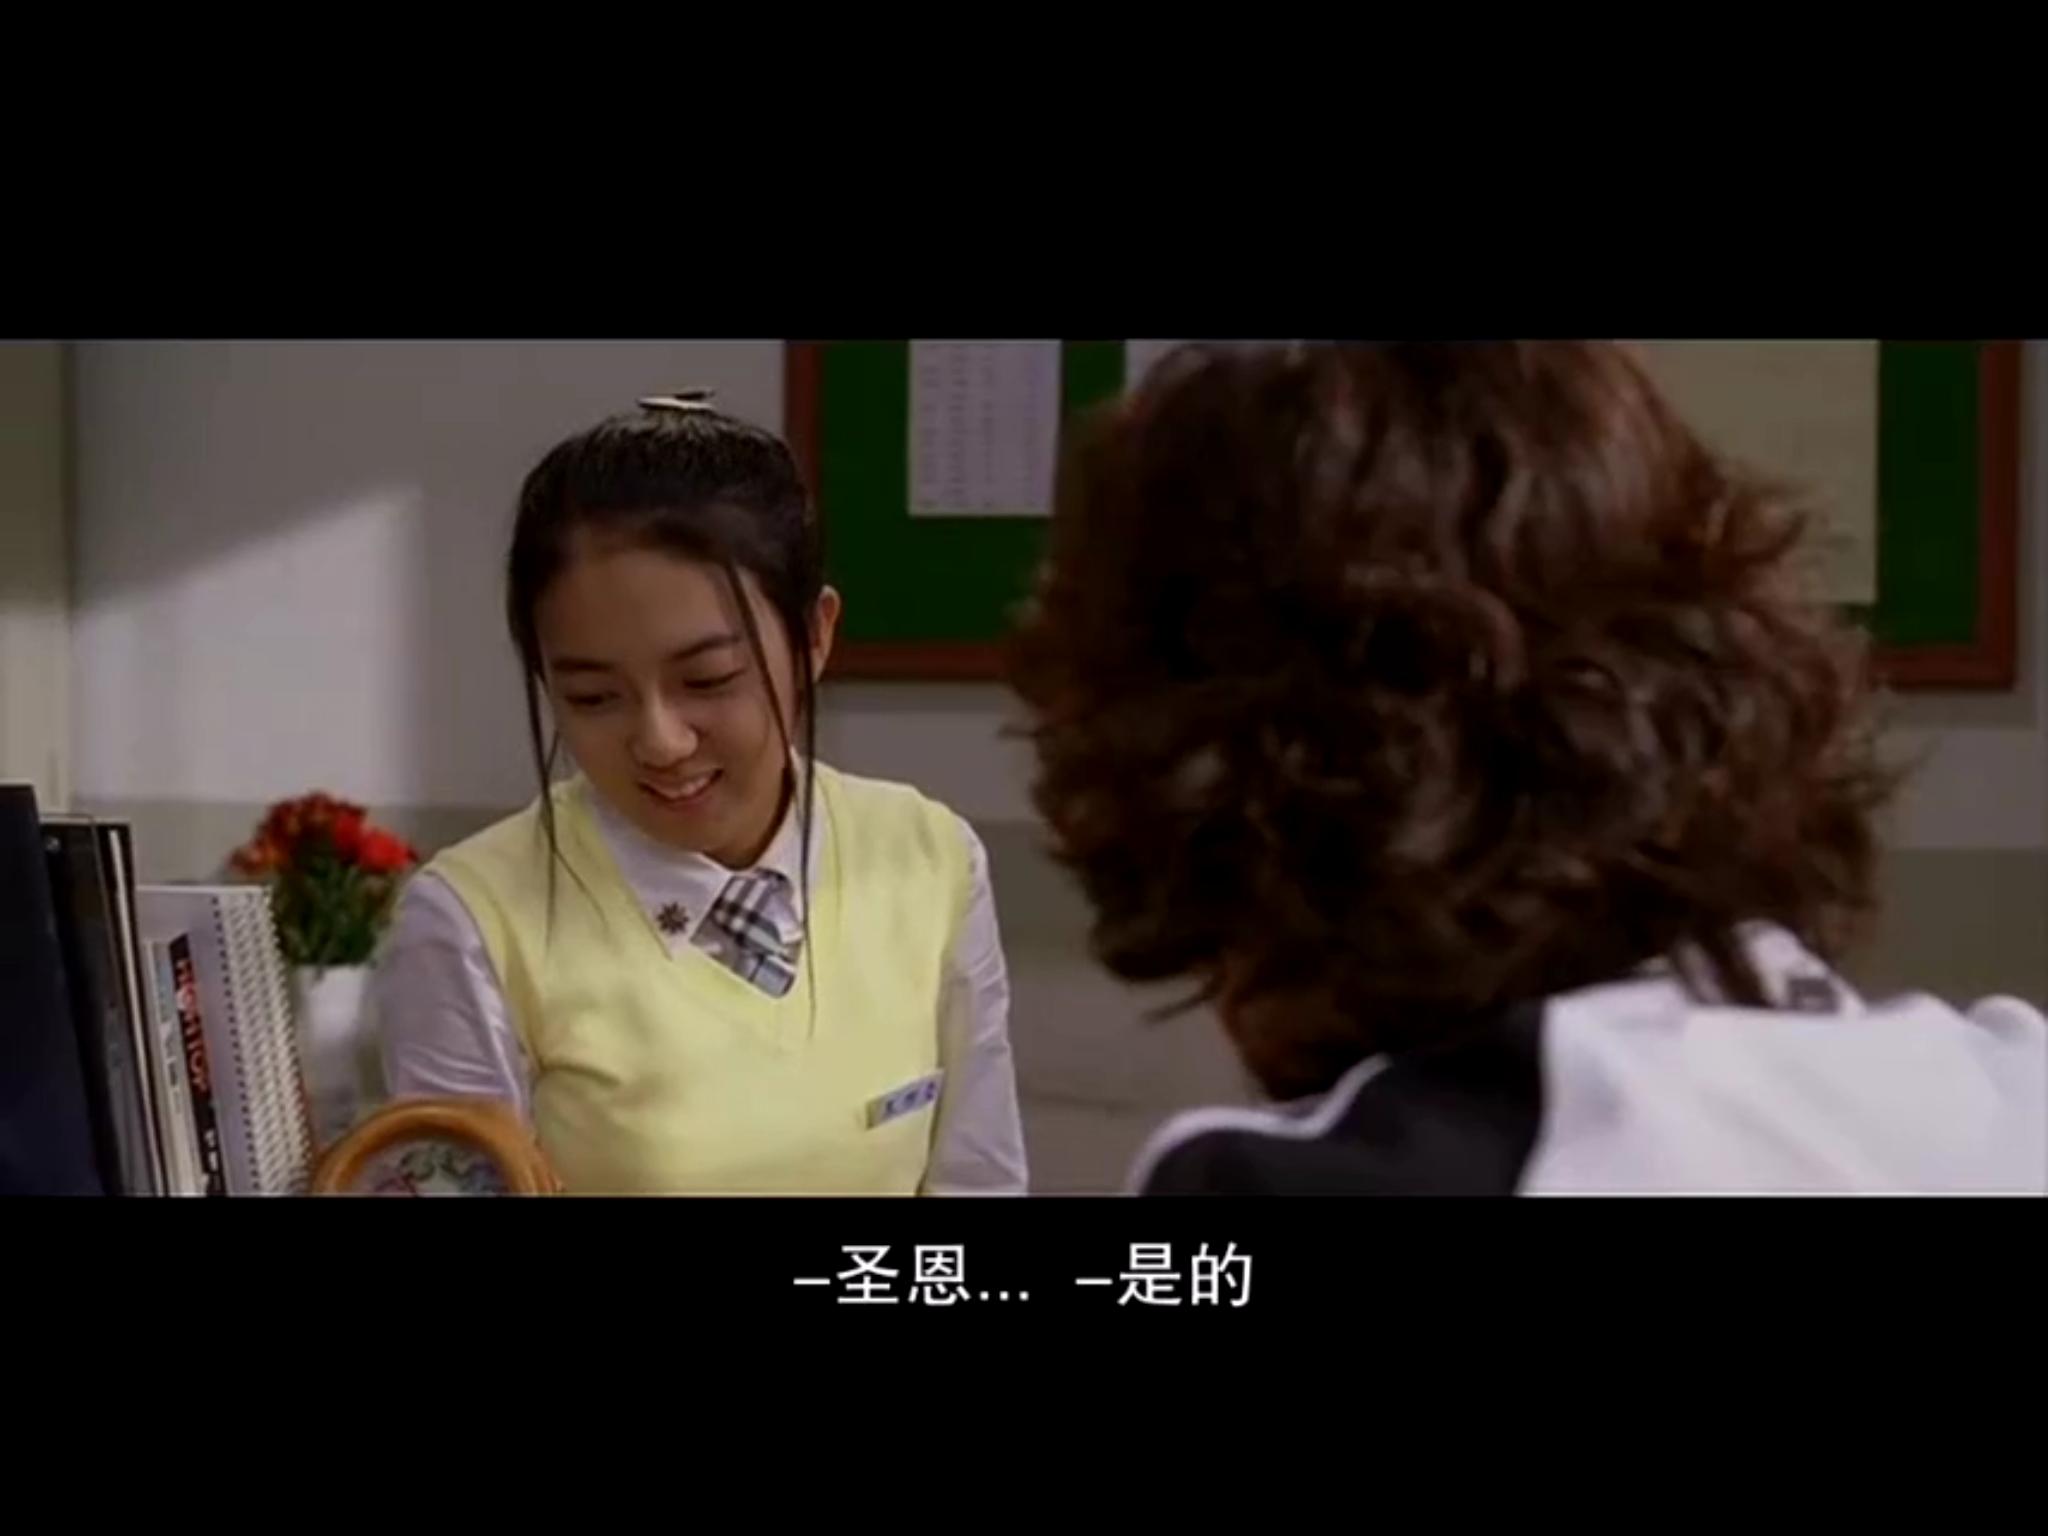 一部插曲学生嫁给女中的韩国电影老师是红河谷电影片名谱图片